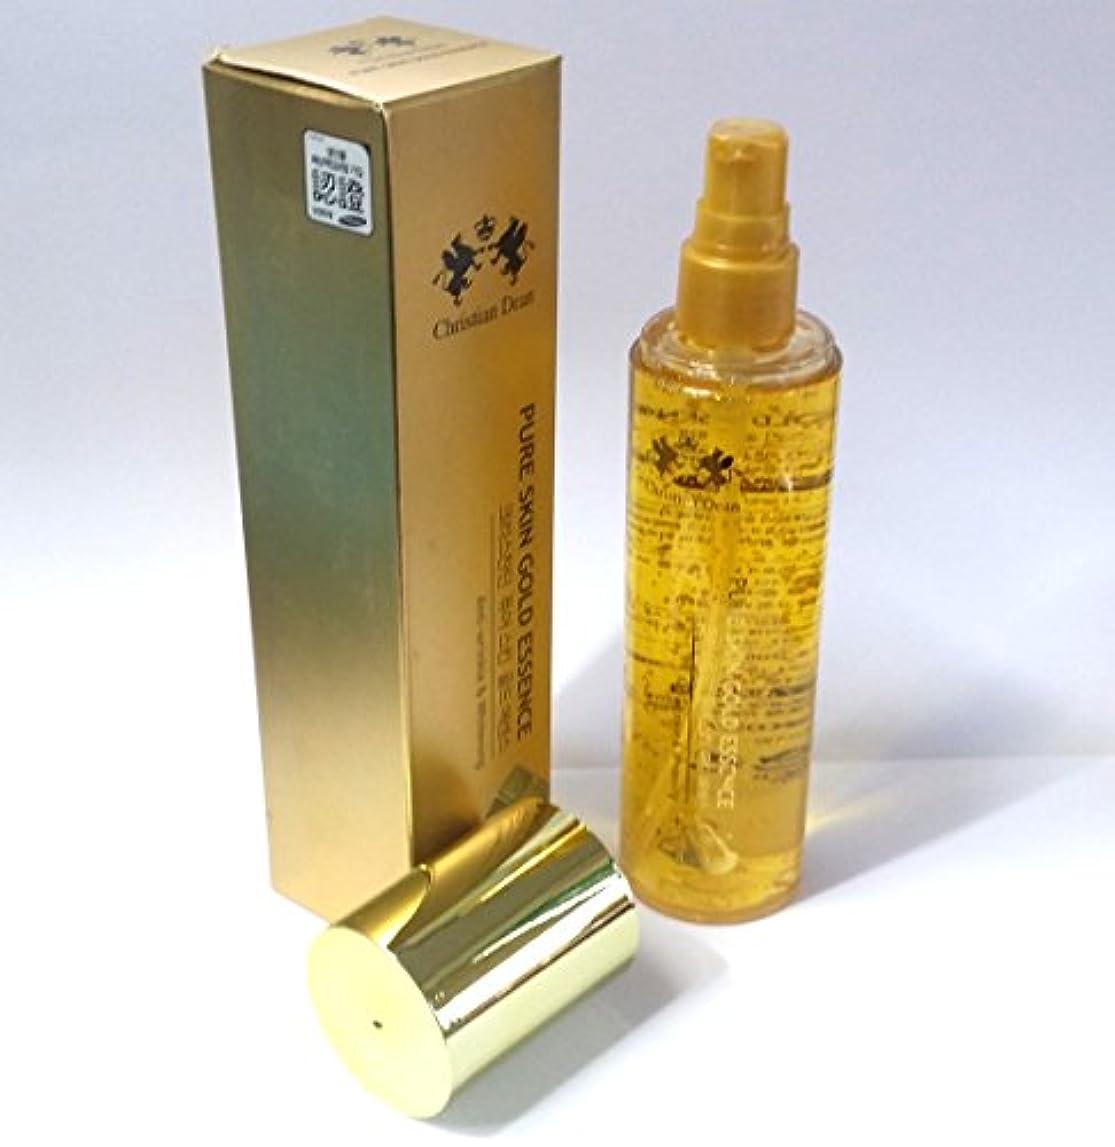 ディベート虎フットボール[Christian Dean] ピュアスキンゴールドエッセンス150ml/Pure Skin Gold Essence 150ml/Whitening/ホワイトニング/ピュアゴールドエキス(99.9%)/韓国化粧品/pure...